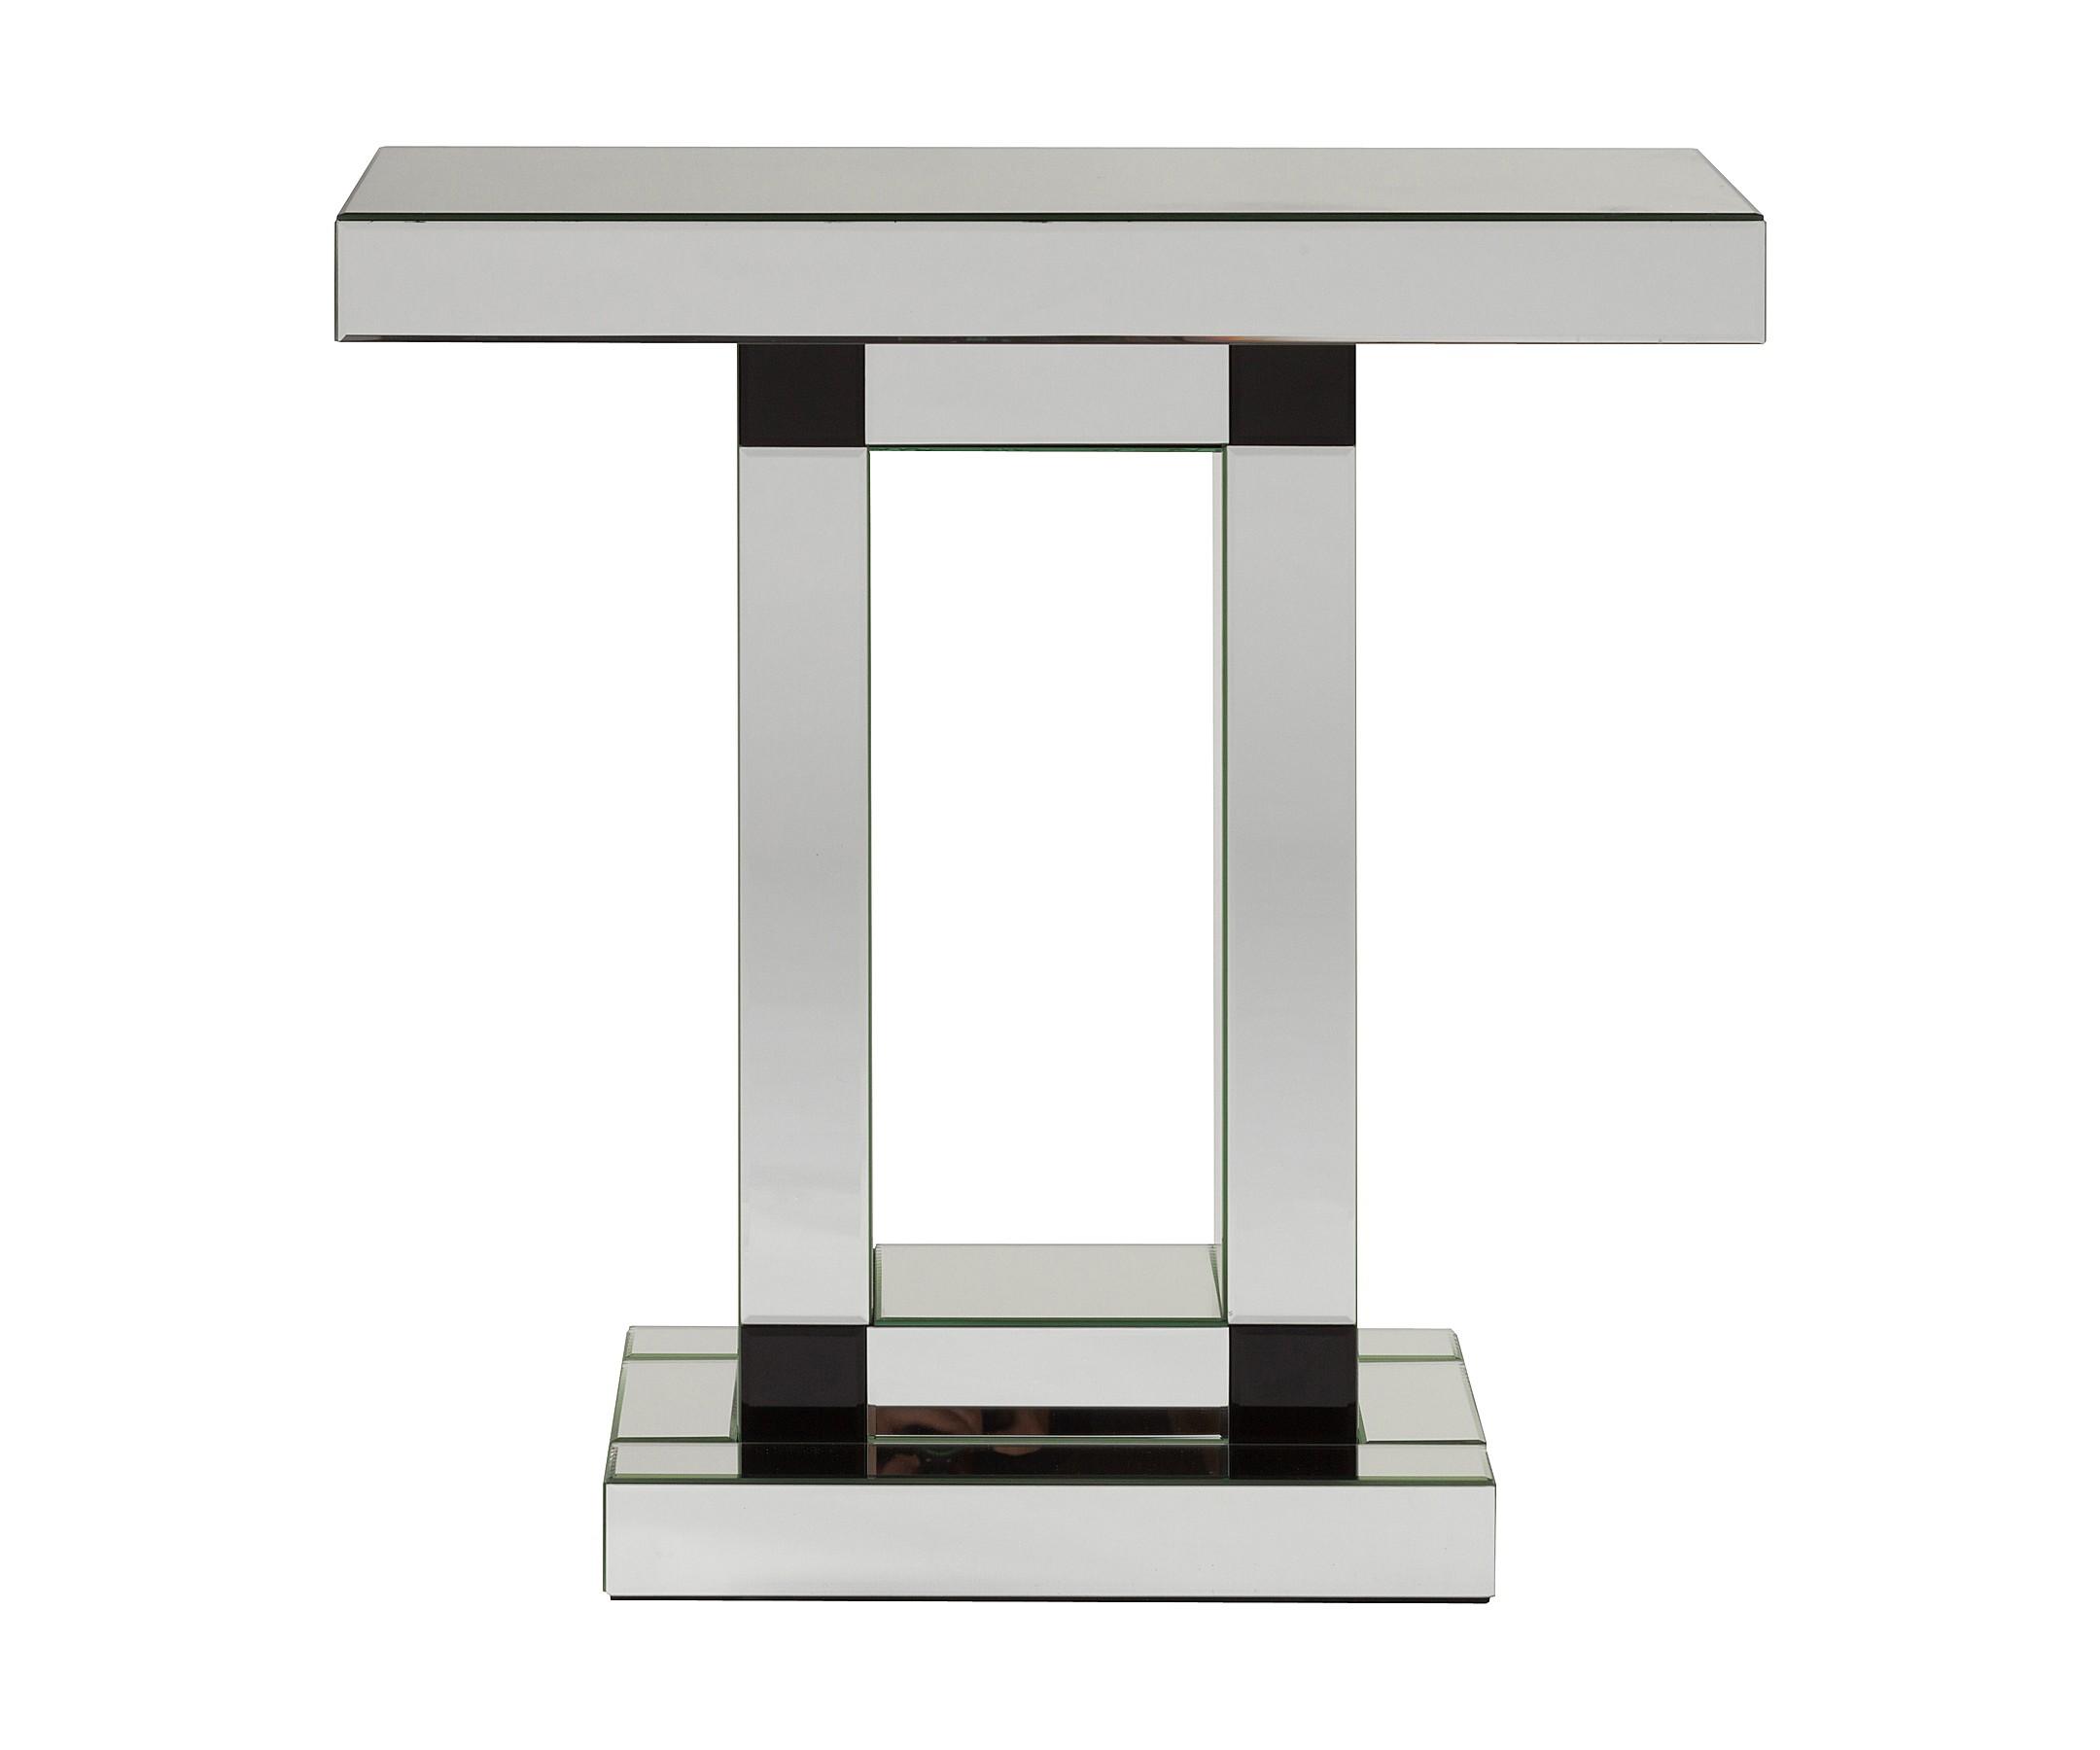 Зеркальный консольный столик PoitiersИнтерьерные консоли<br><br><br>Material: Стекло<br>Width см: 81<br>Depth см: 30.5<br>Height см: 80